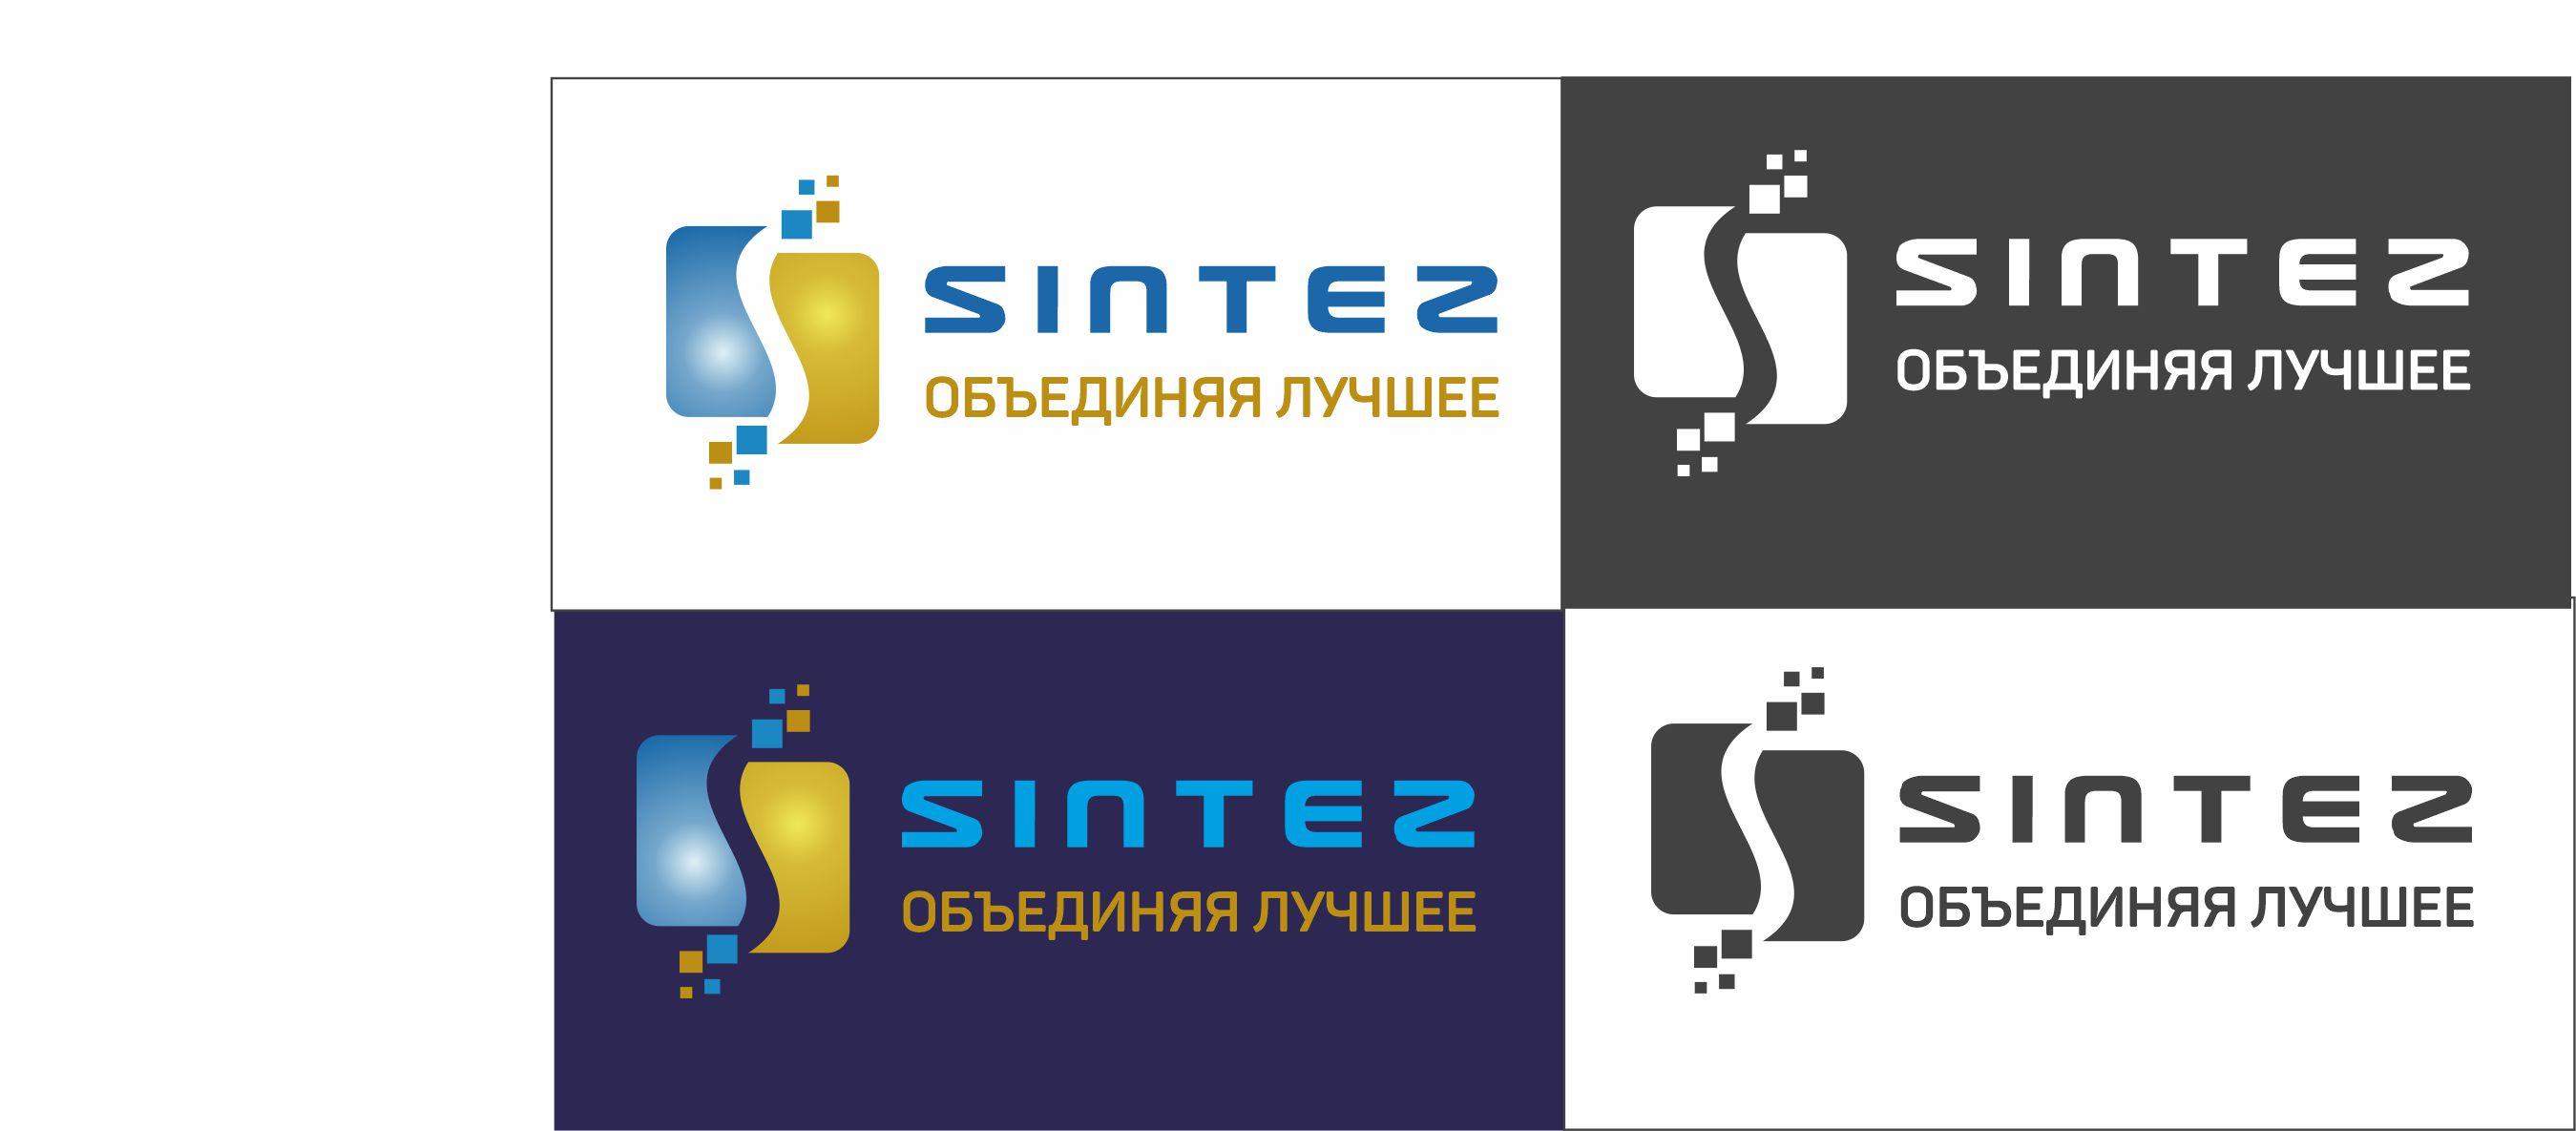 Разрабтка логотипа компании и фирменного шрифта фото f_5285f634ef4bfa01.jpg